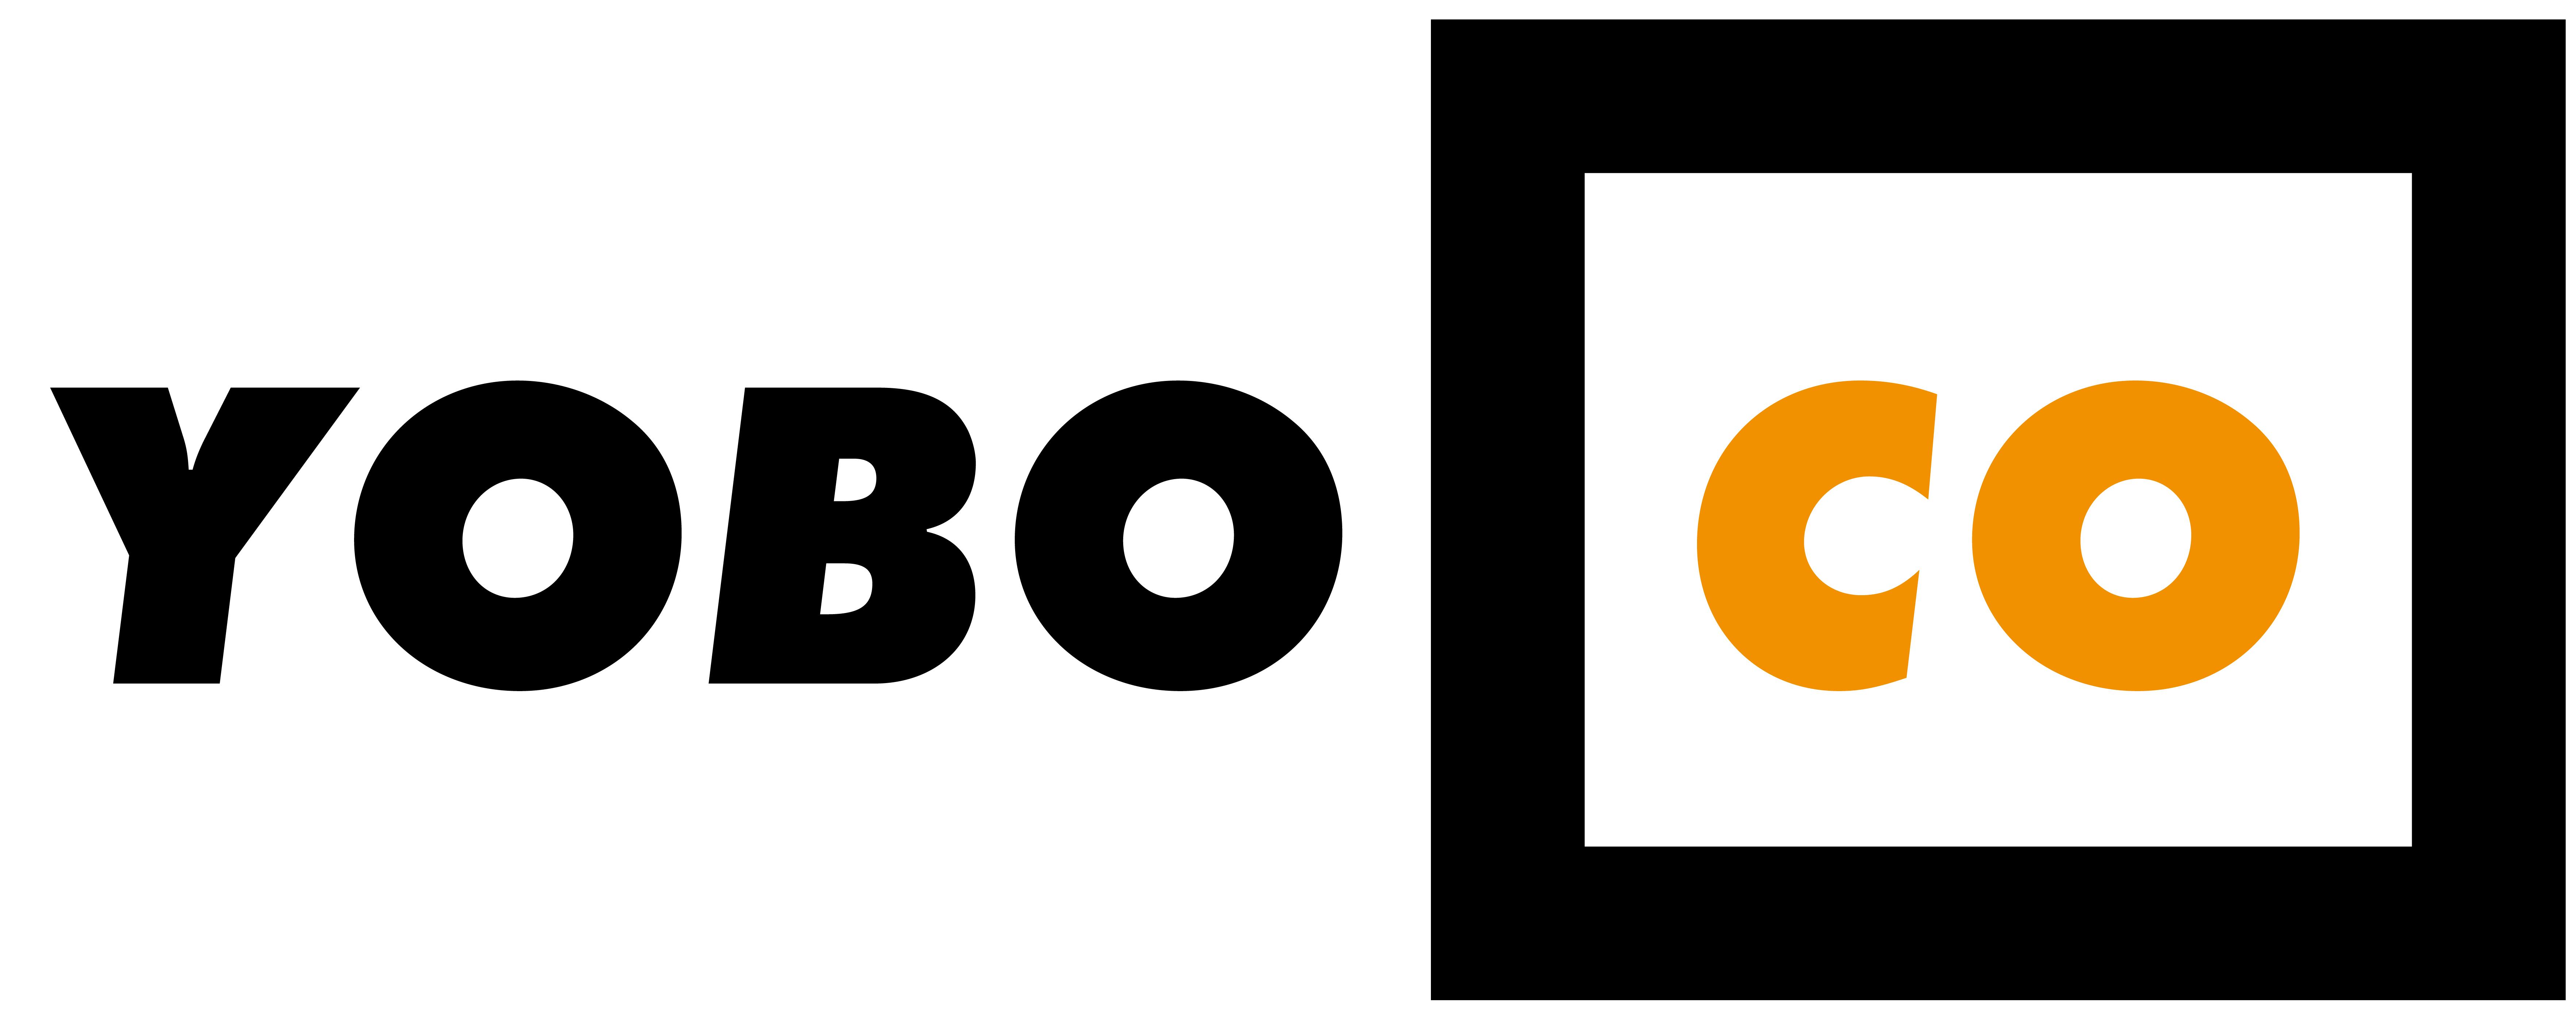 Yoboco